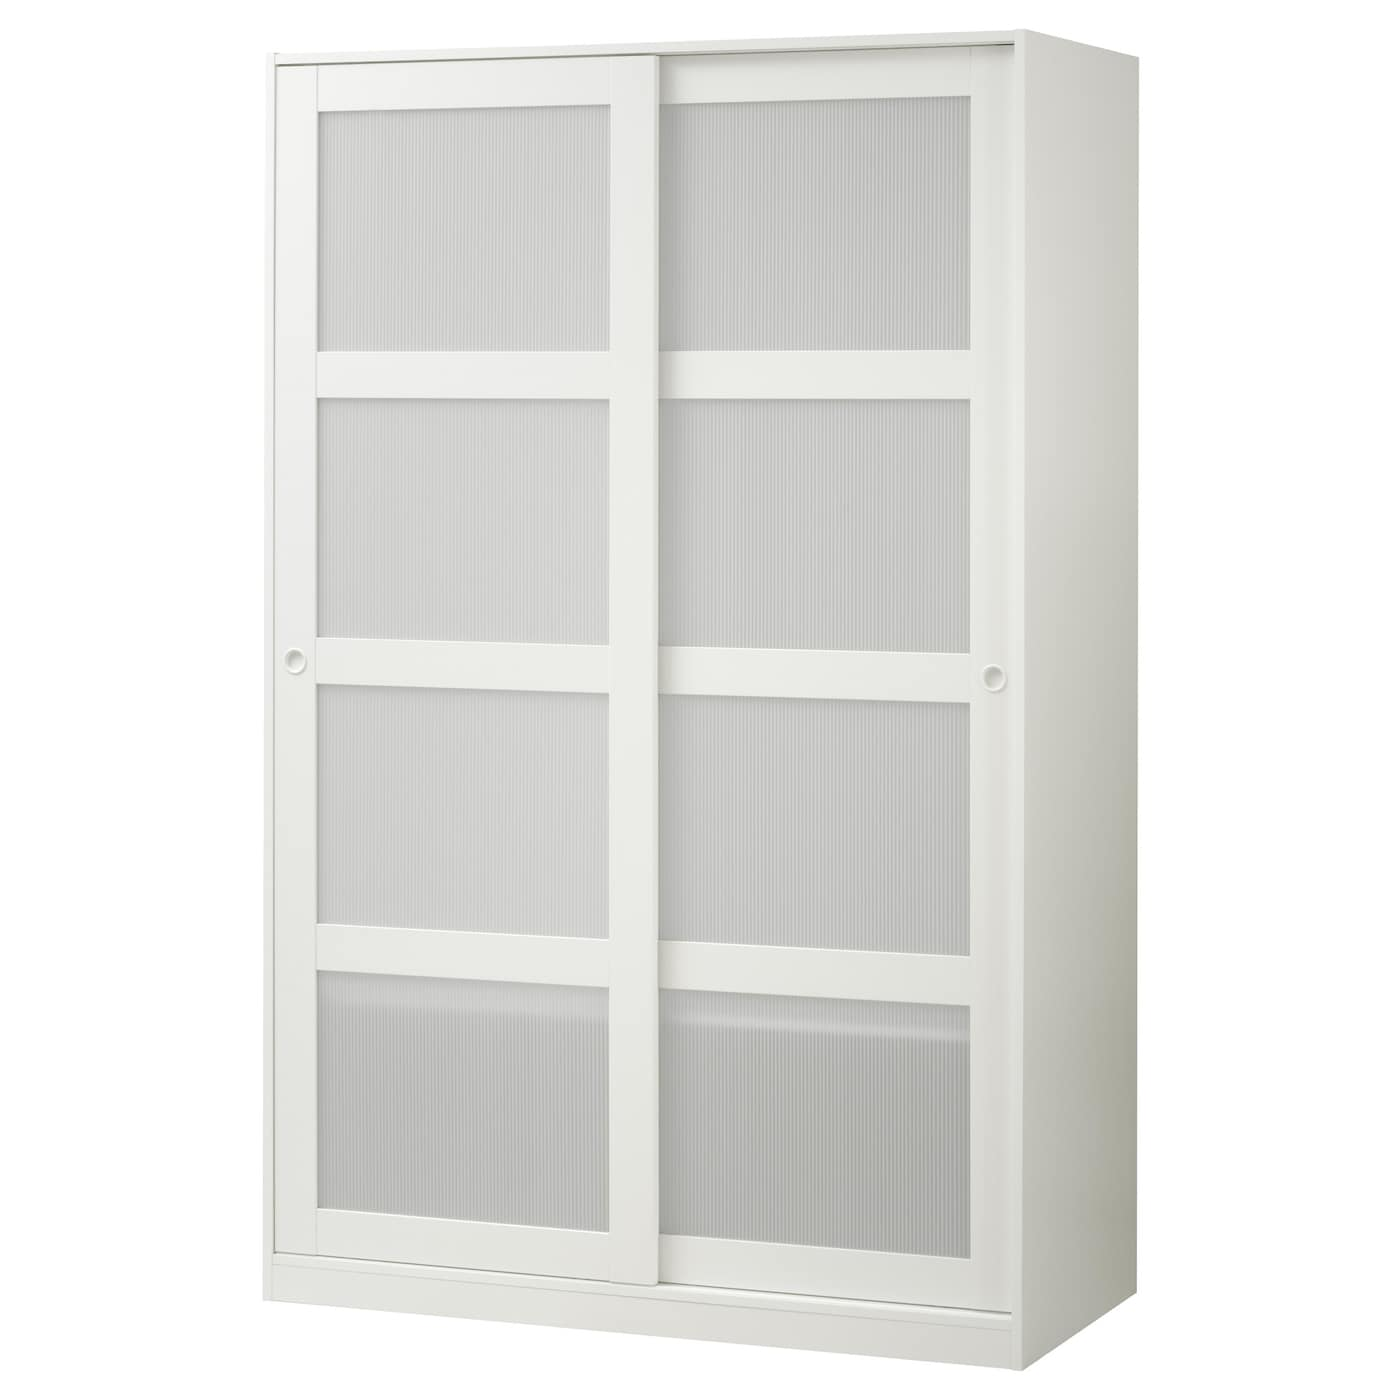 Kvikne Armoire 2 Portes Coulissantes Blanc 120×190 Cm Ikea # Meuble De Rangement Ikea